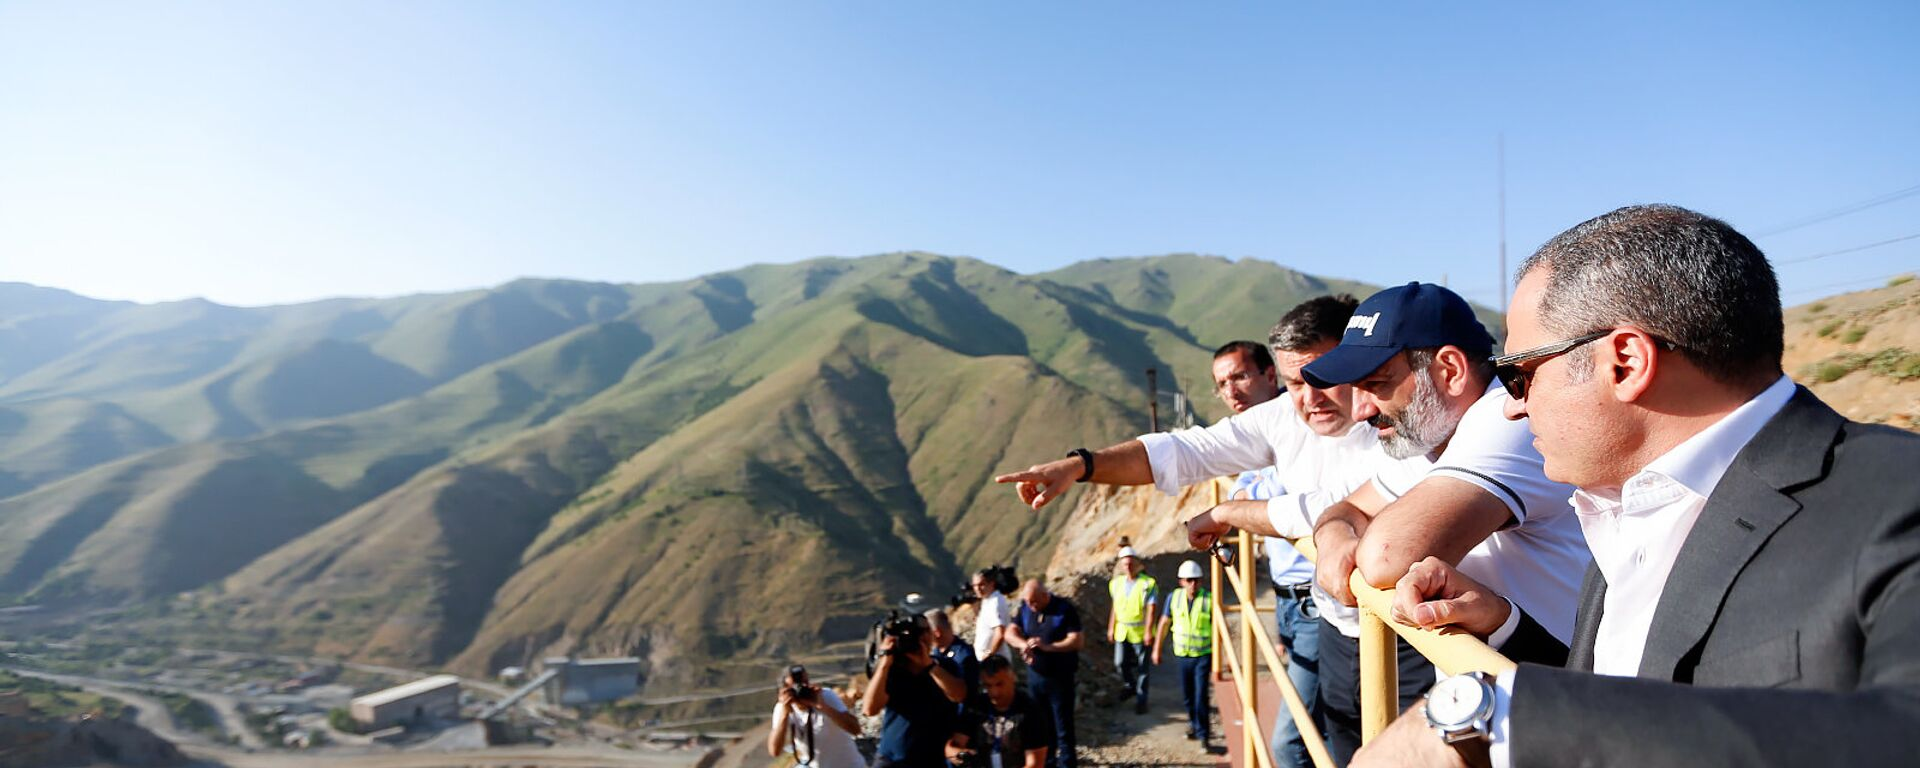 Премьер-министр Армении Никол Пашинян посетил Зангезурский медно-молибденовый комбинат (5 июля 2018). Каджаран - Sputnik Армения, 1920, 15.07.2021